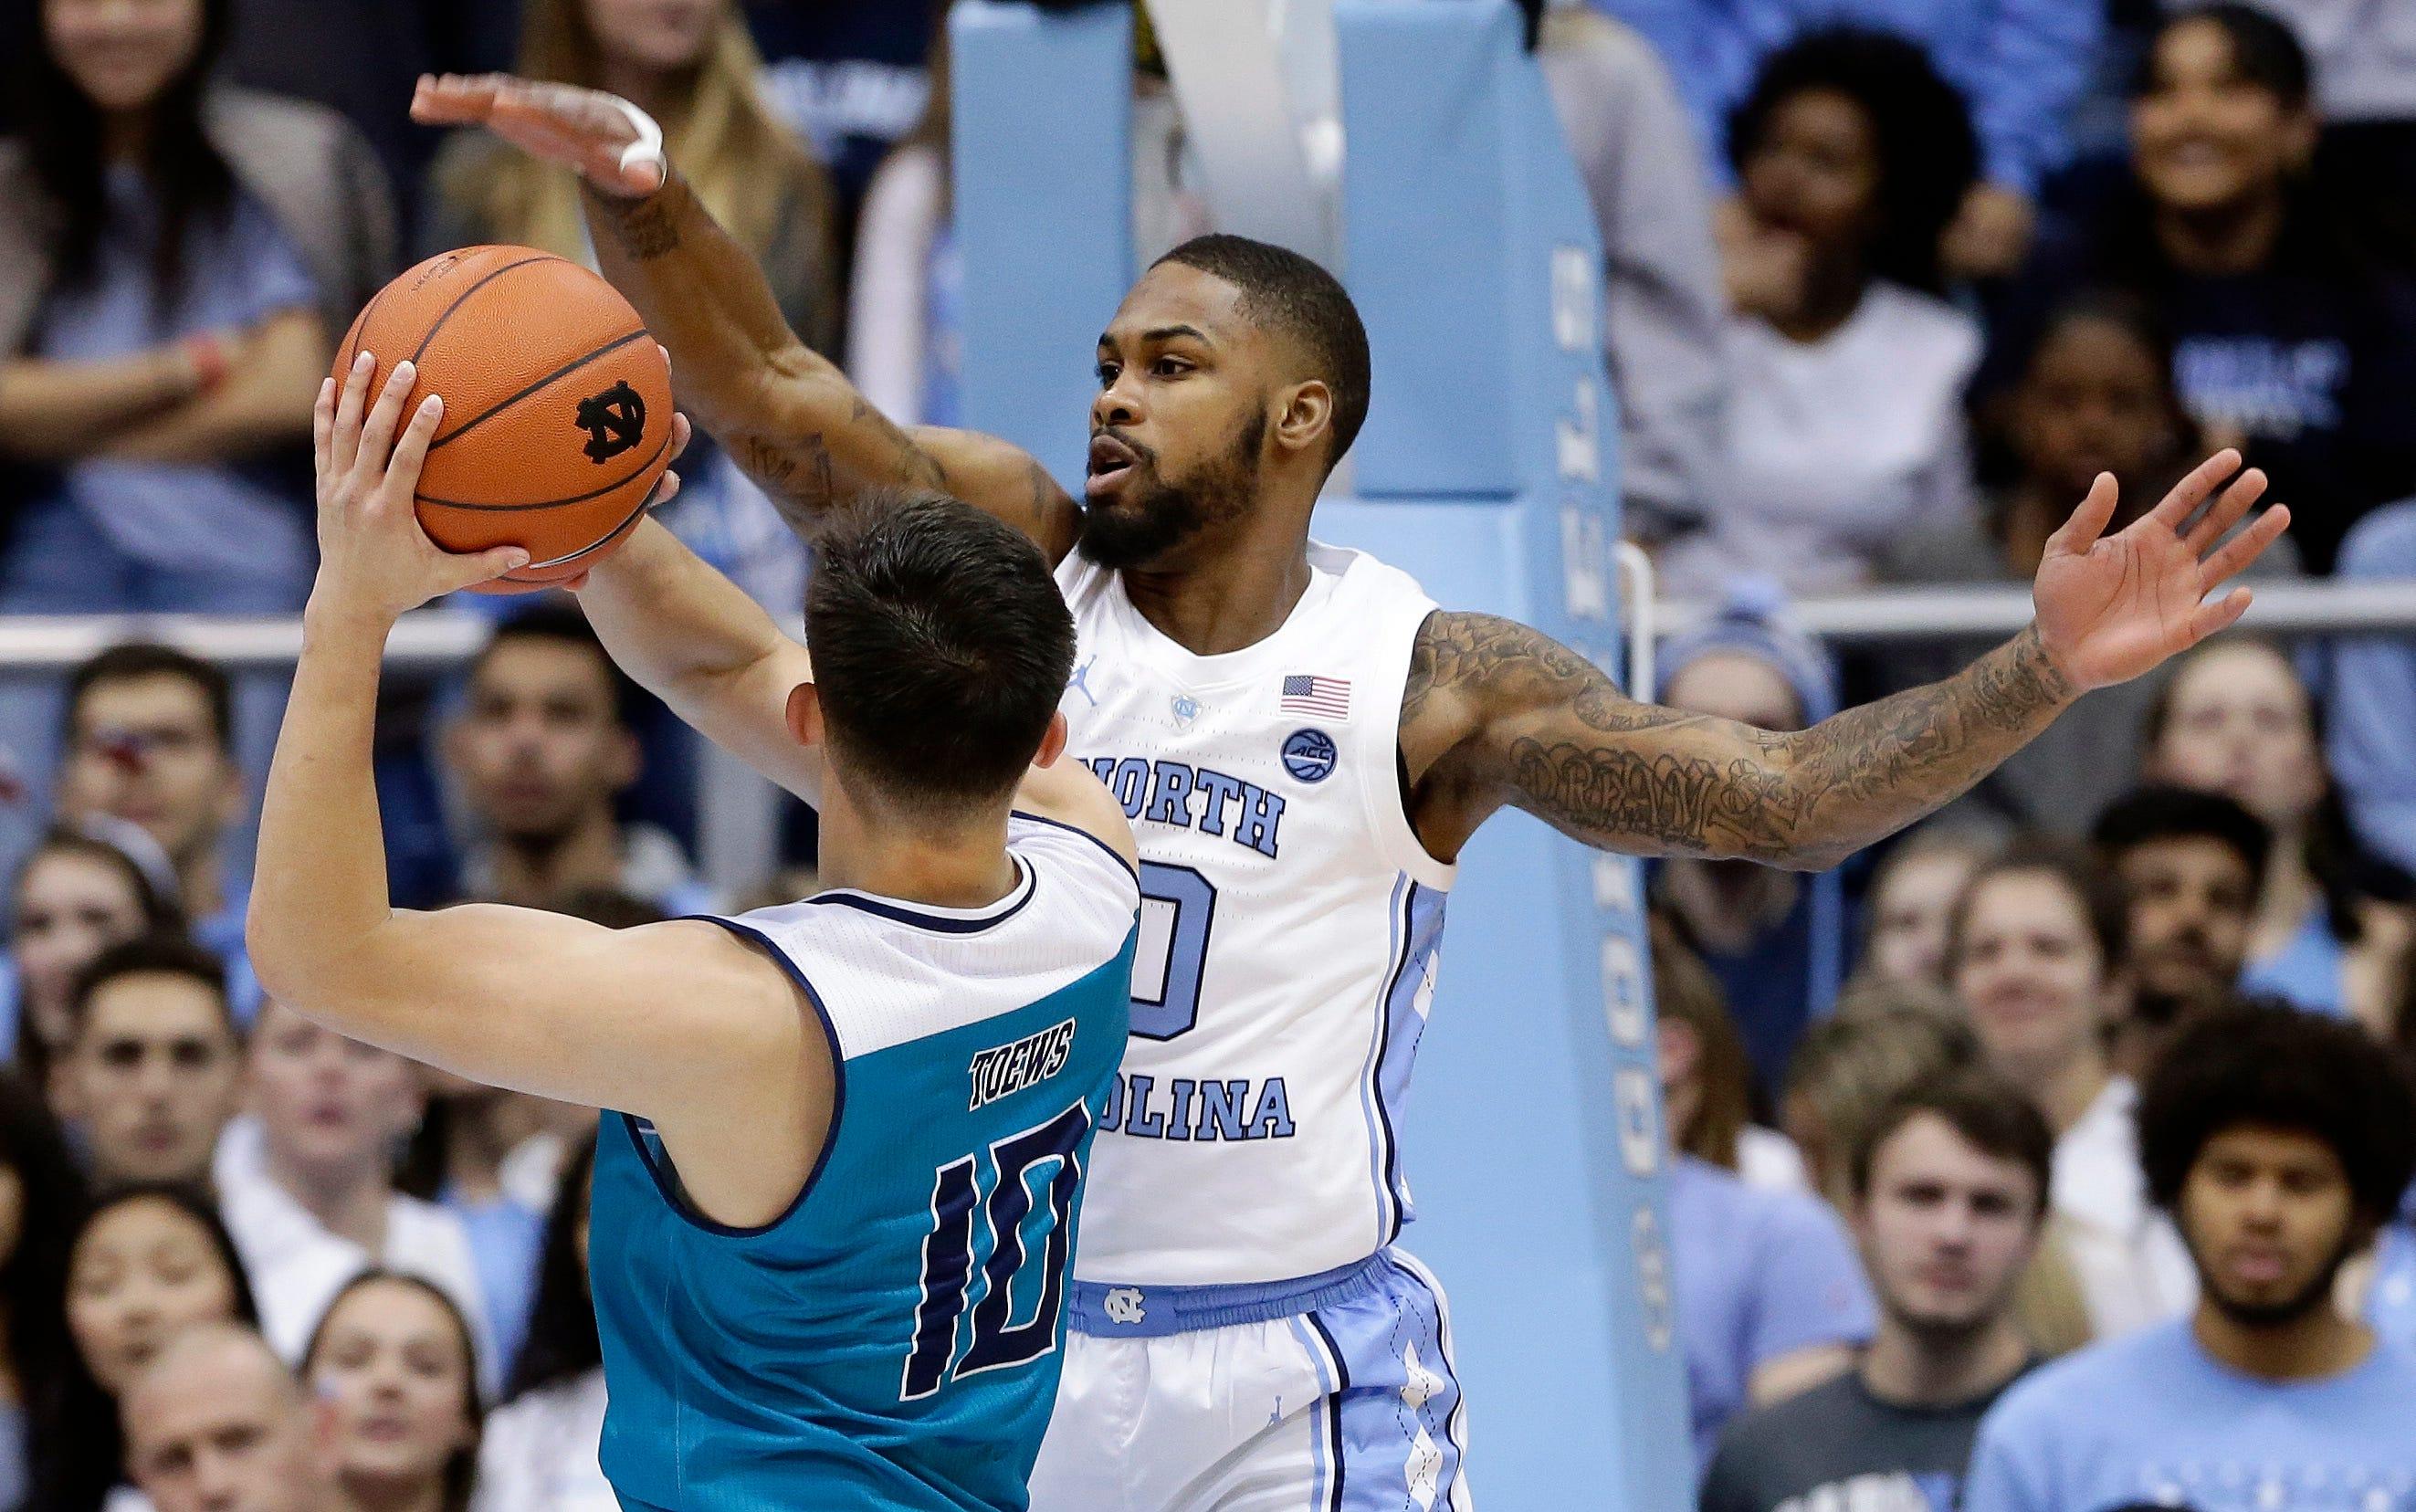 No. 14 North Carolina beats UNC Wilmington 97-69